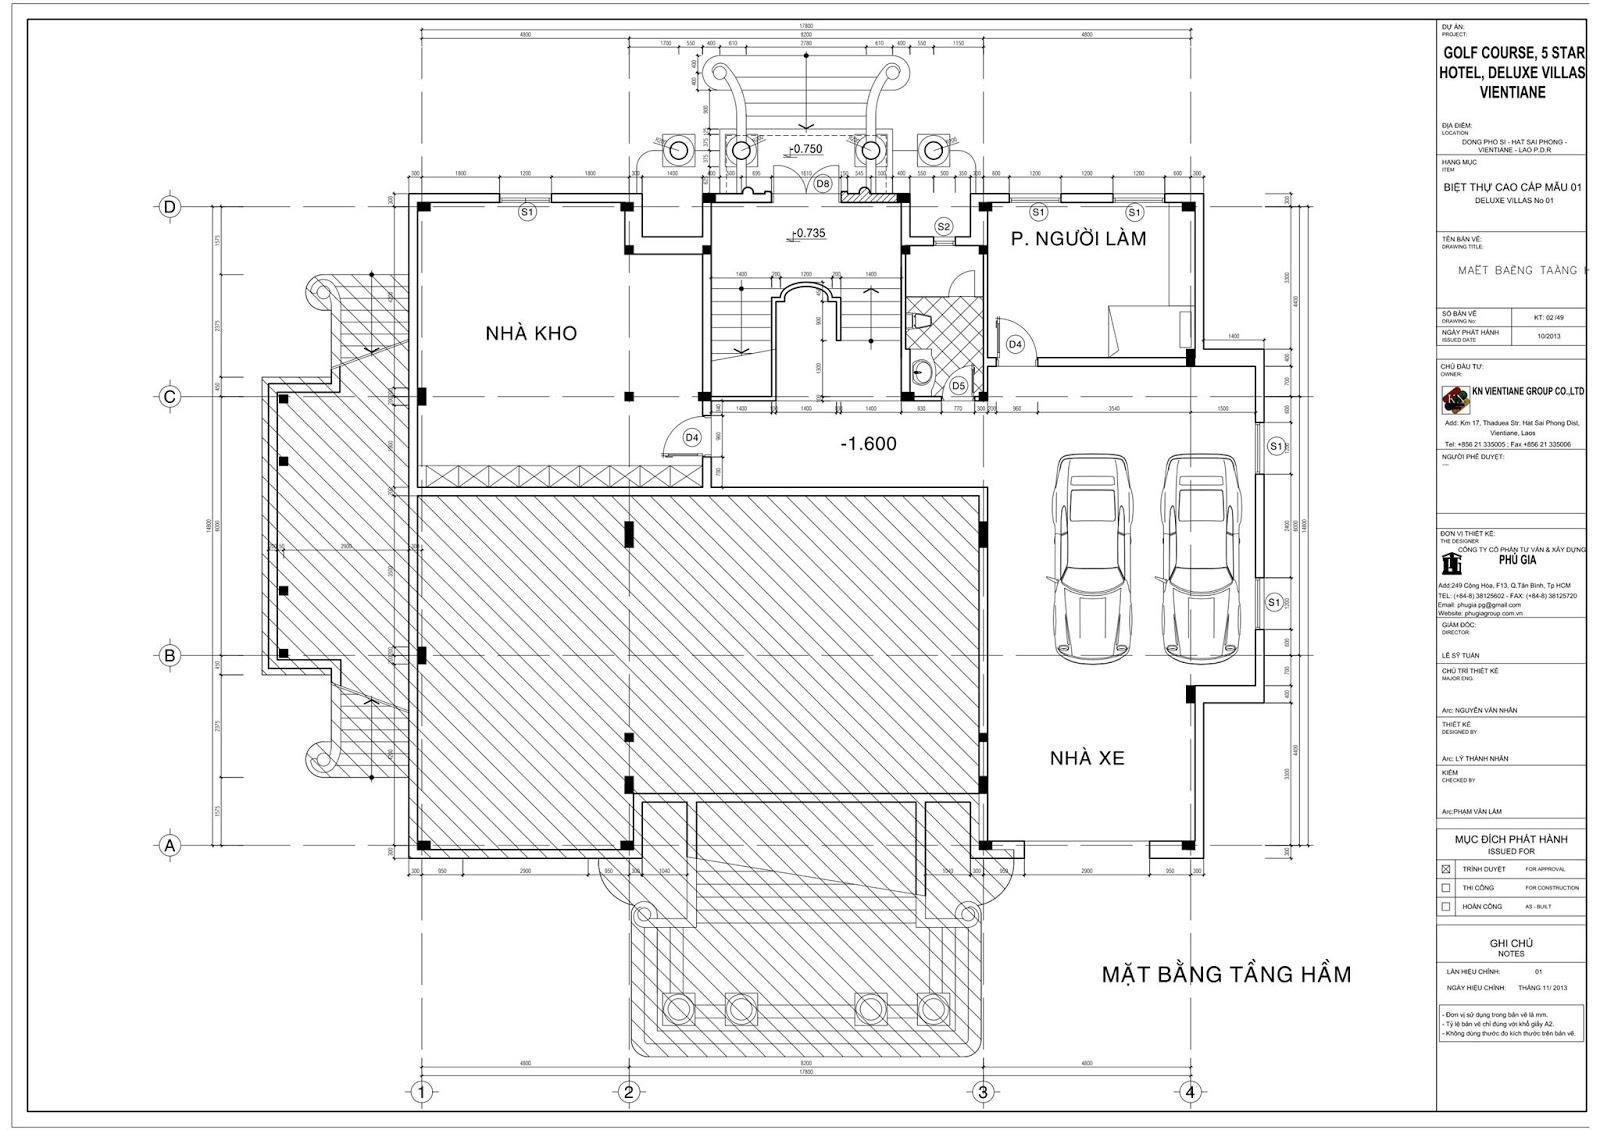 Mặt bằng tầng hầm Biệt thự cổ điển 3 tầng